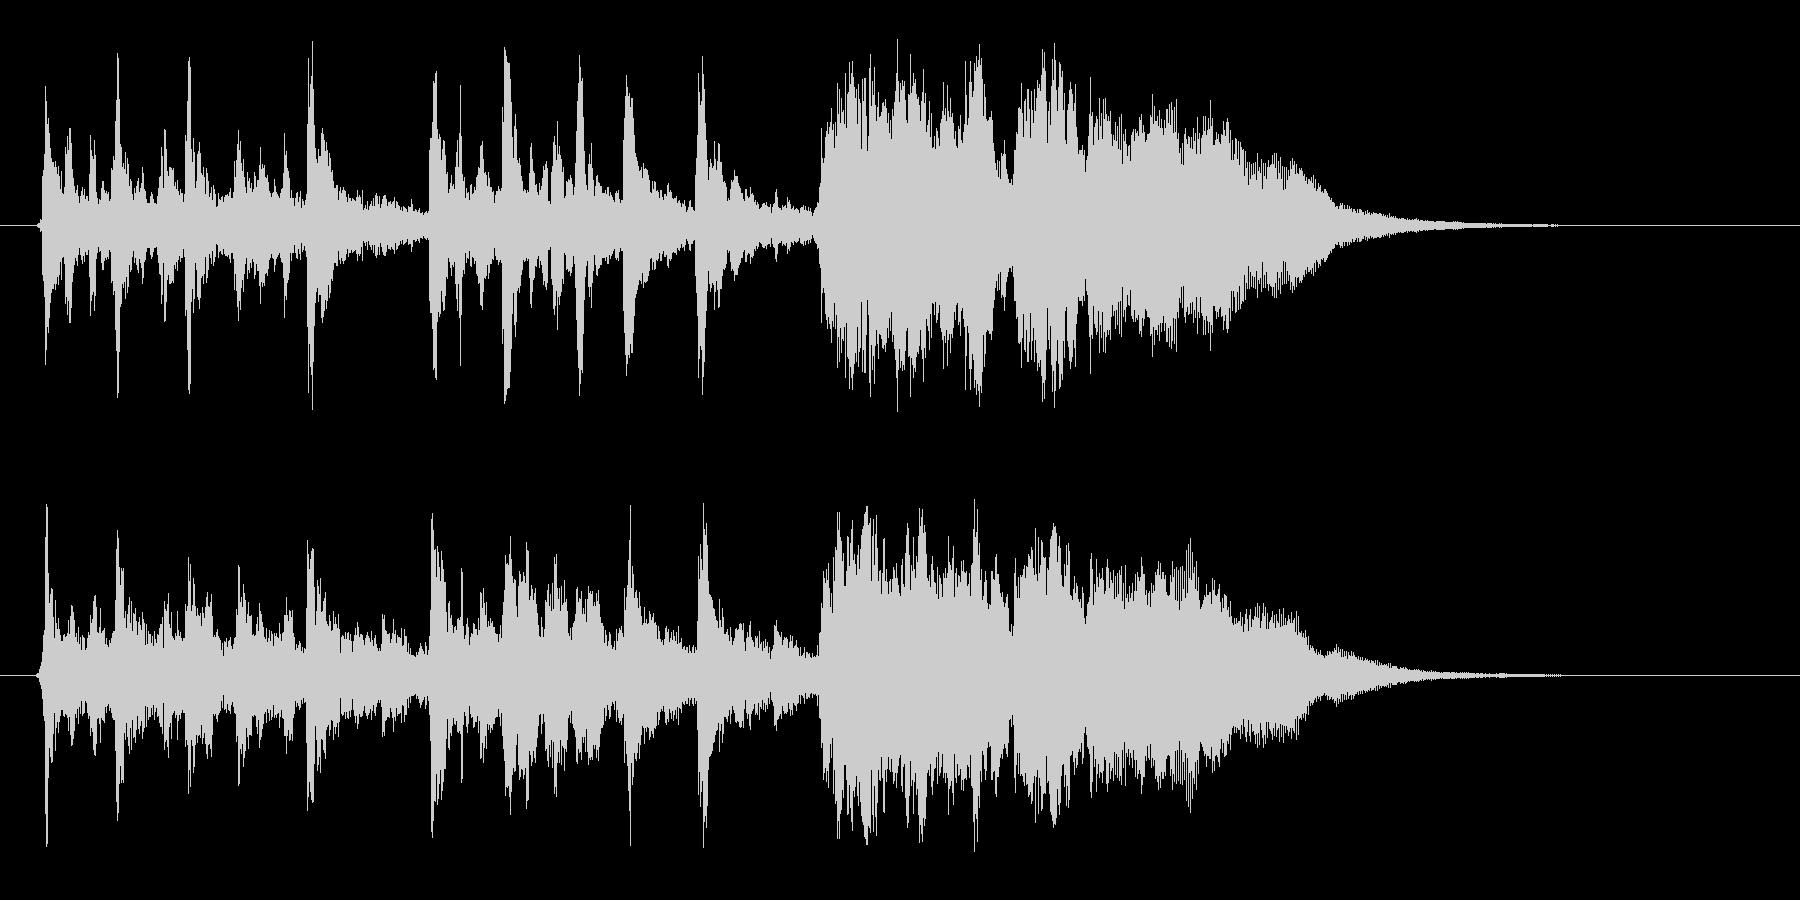 幻想的なハーモニー音楽の未再生の波形